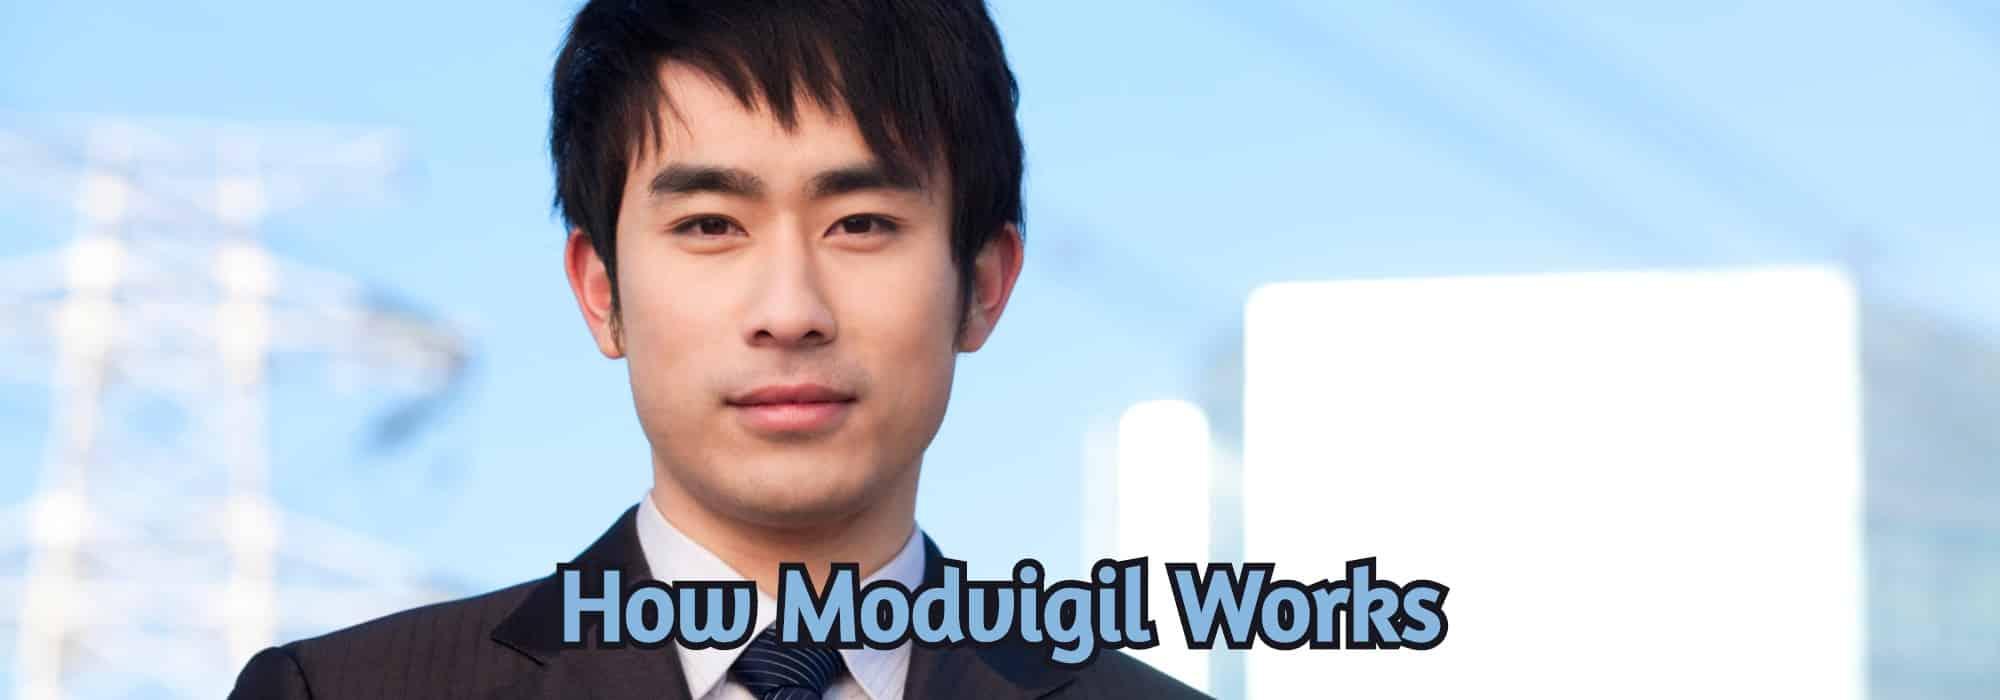 How Modvigil Works